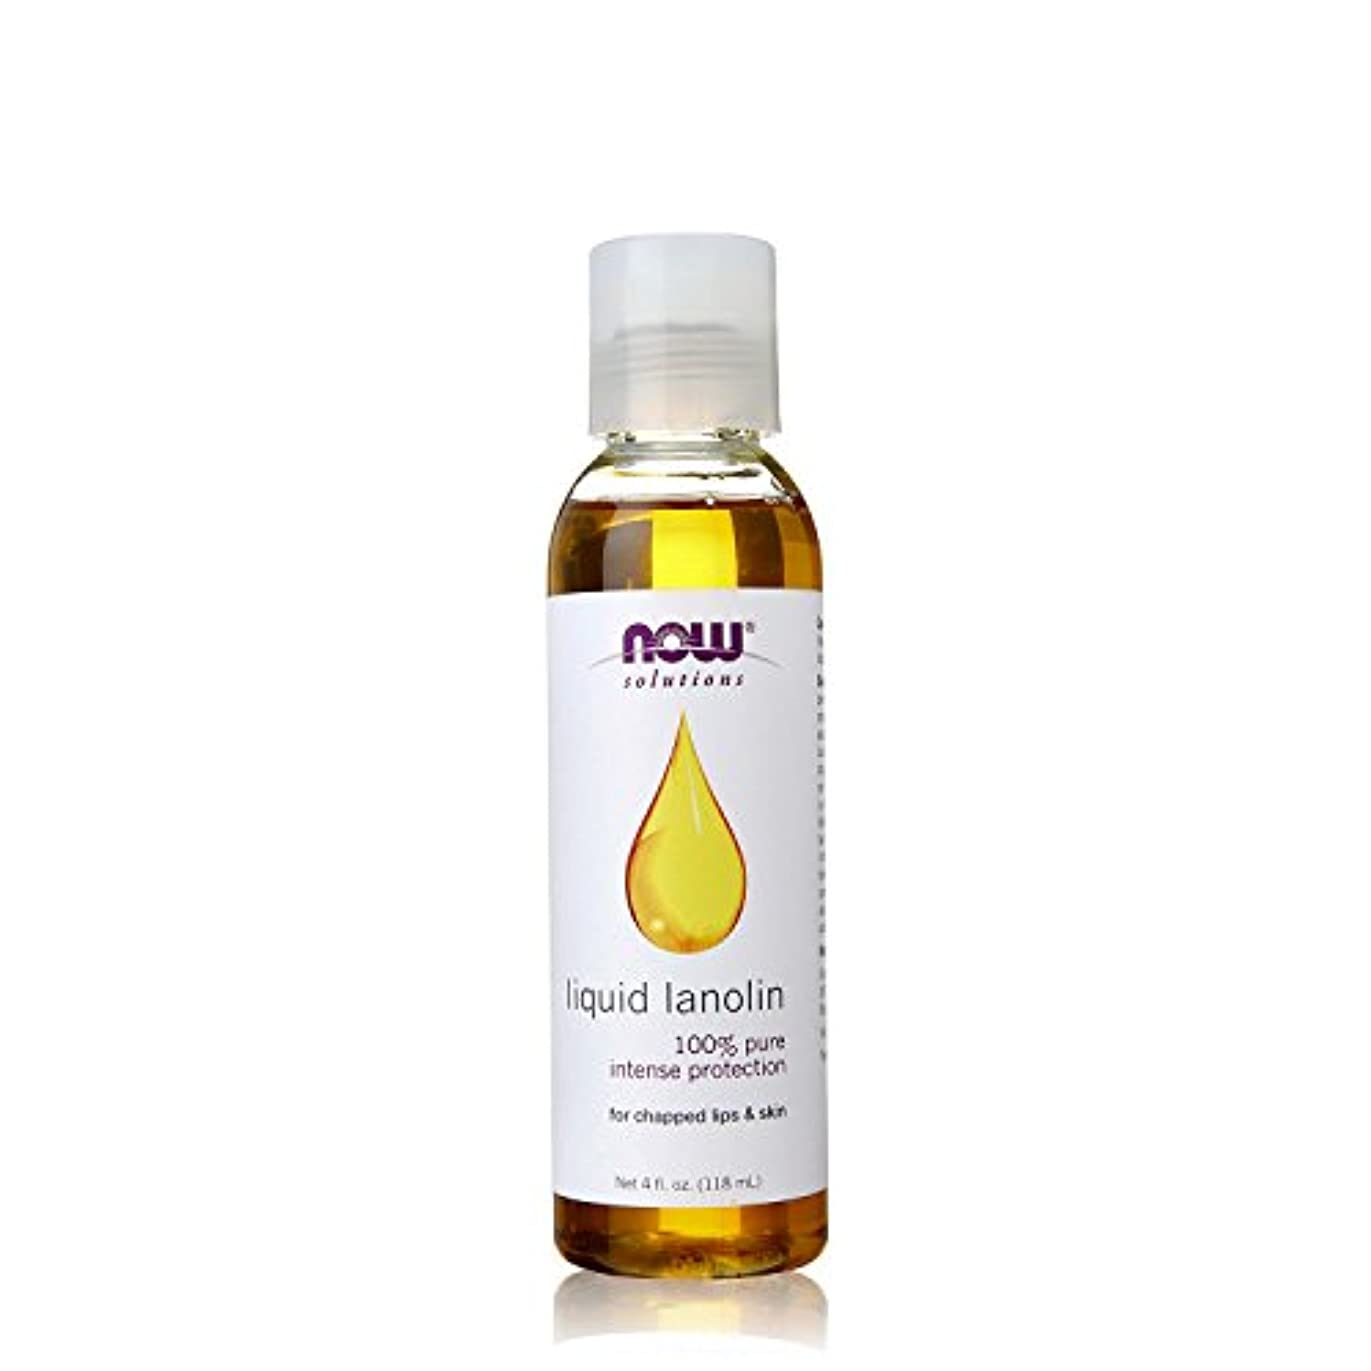 間違っているたくさんの裁定NOW Foods - 液体のラノリン 100% Pureの - 4ポンド [並行輸入品]